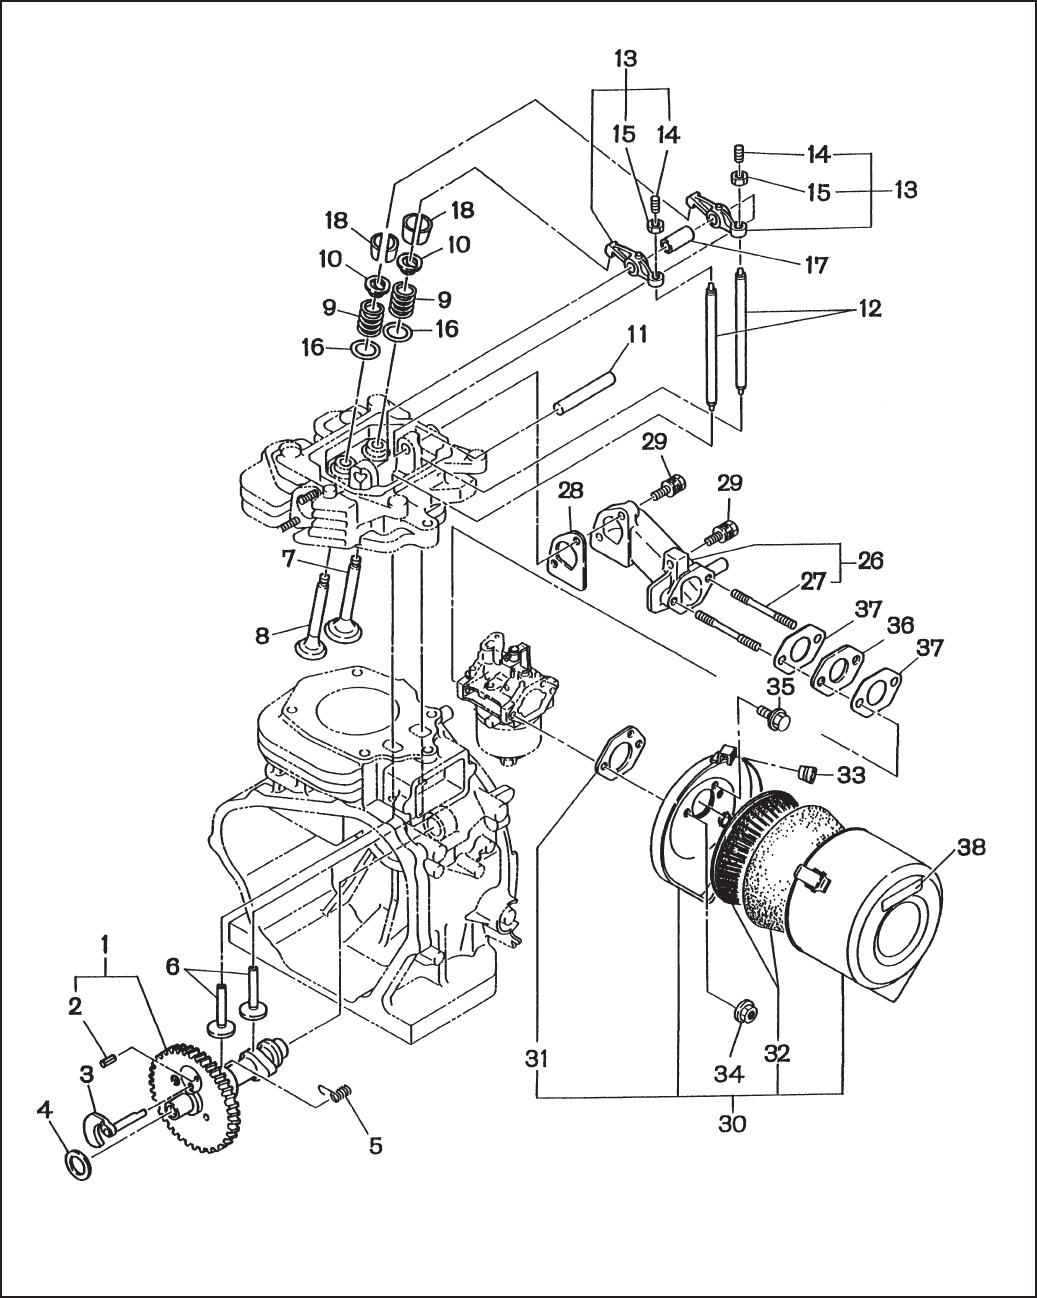 RGV6100 / 6101 GENERATOR RGV6100E Parts Manual